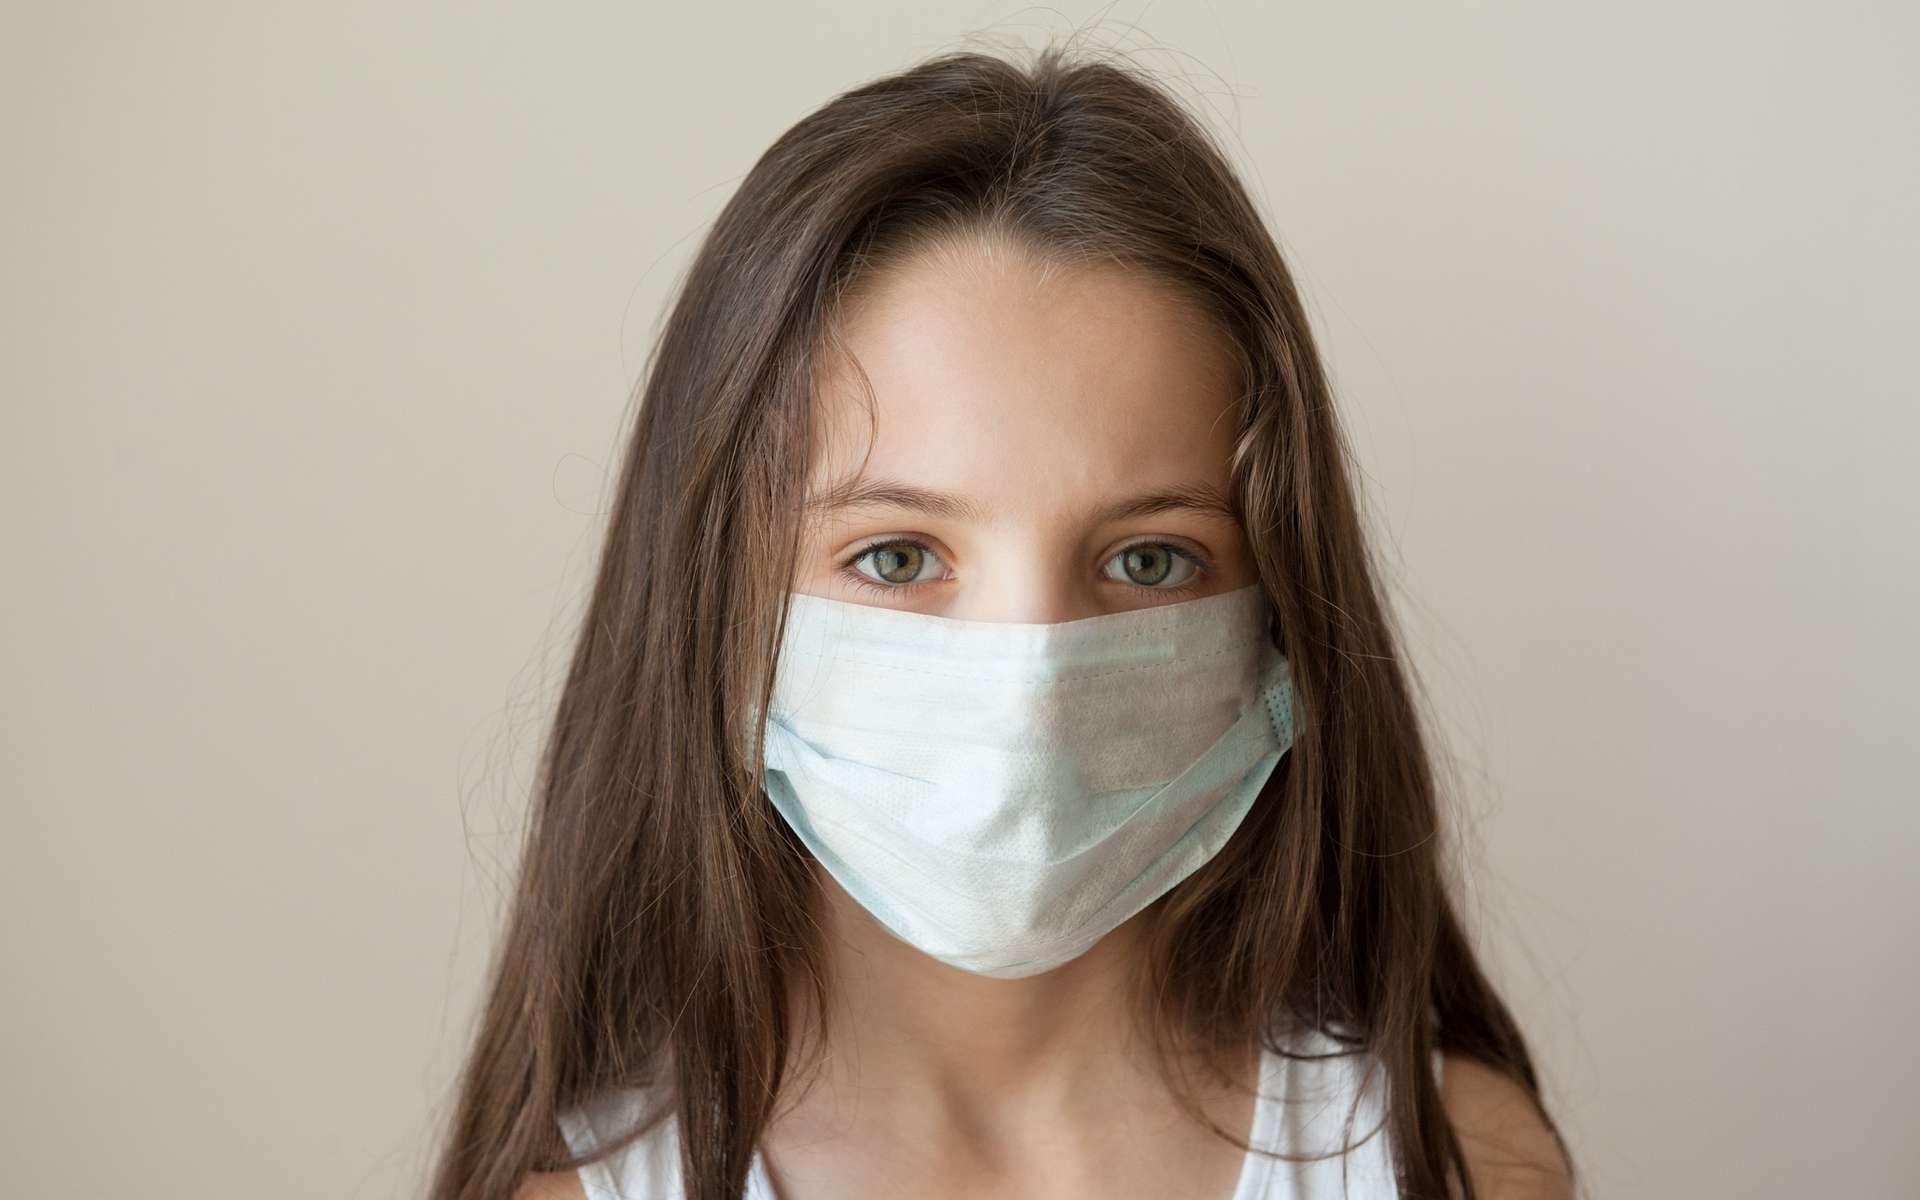 Lorsque le seuil épidémique est franchi, un masque peut permettre de limiter la diffusion du virus. © Ruslan Shugushev, Shutterstock